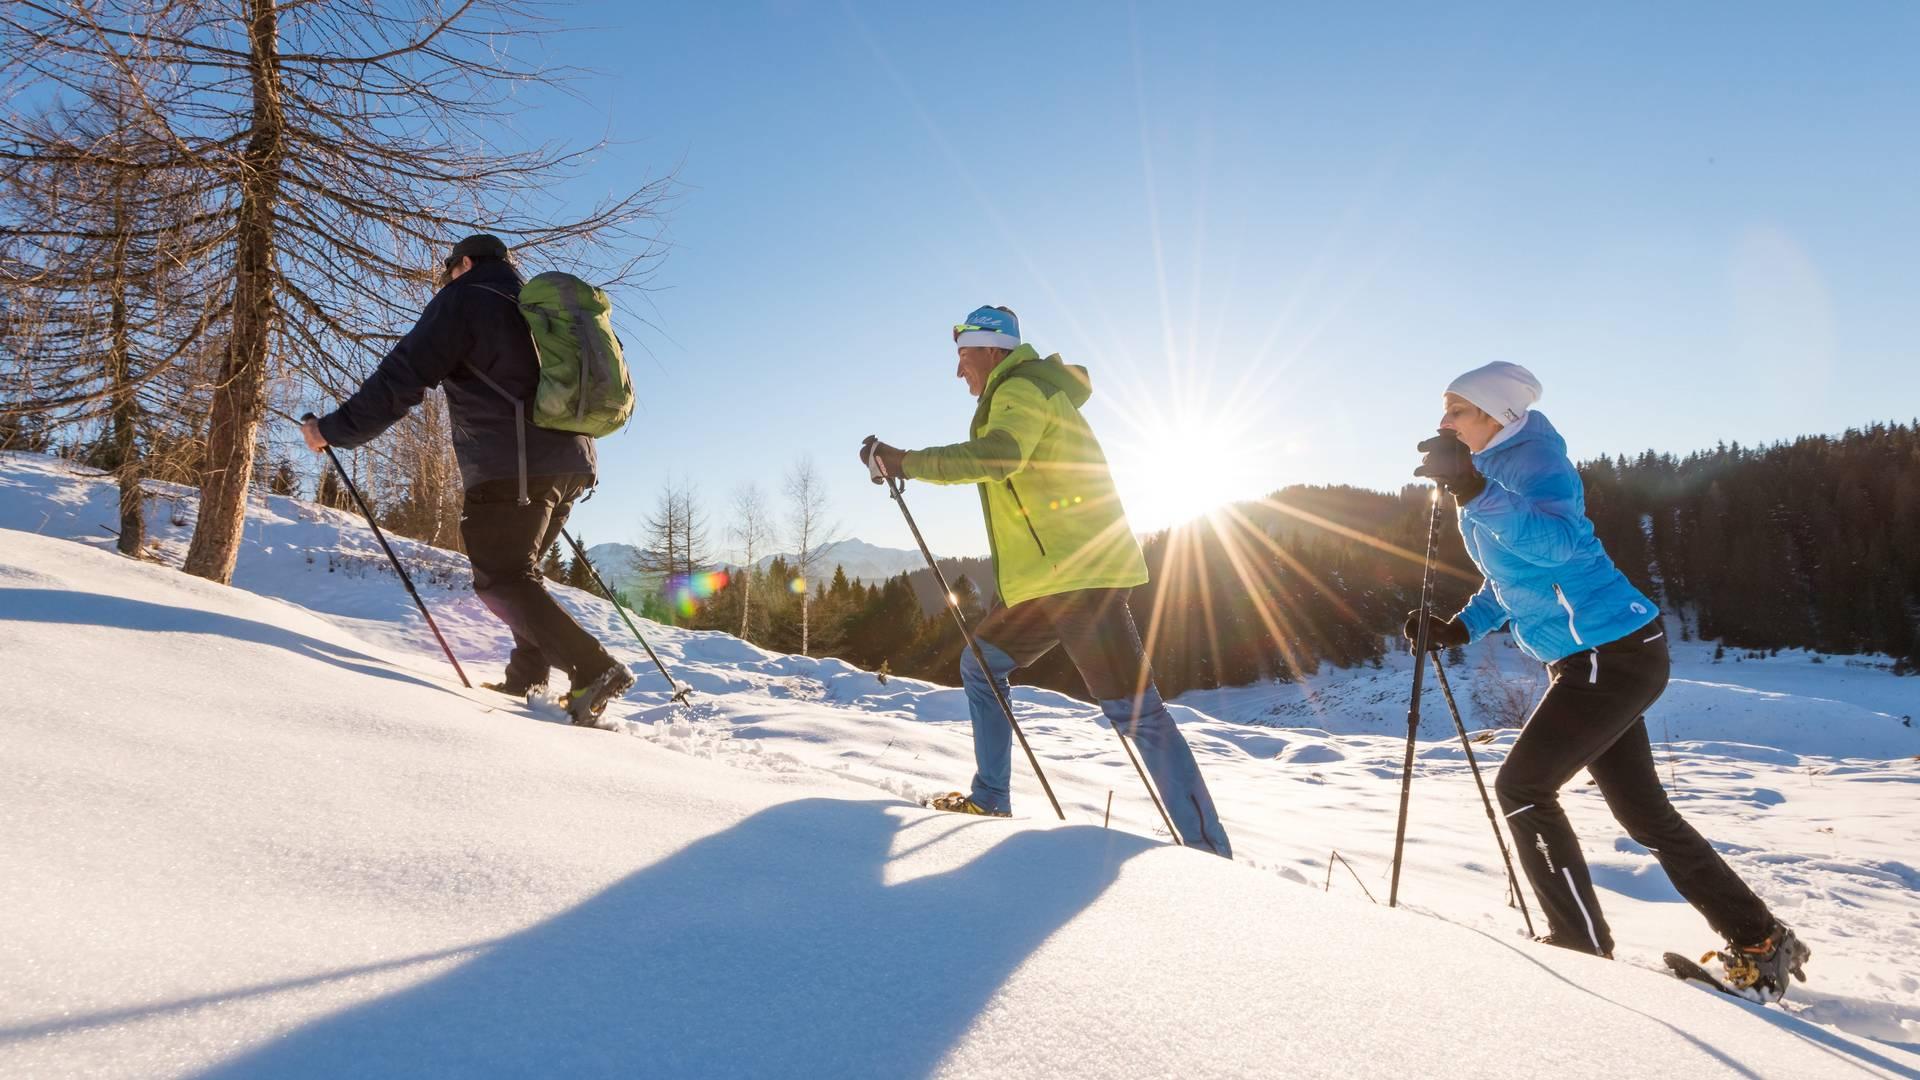 Neusacher Moser_Schneeschuhwandern am Weissensee